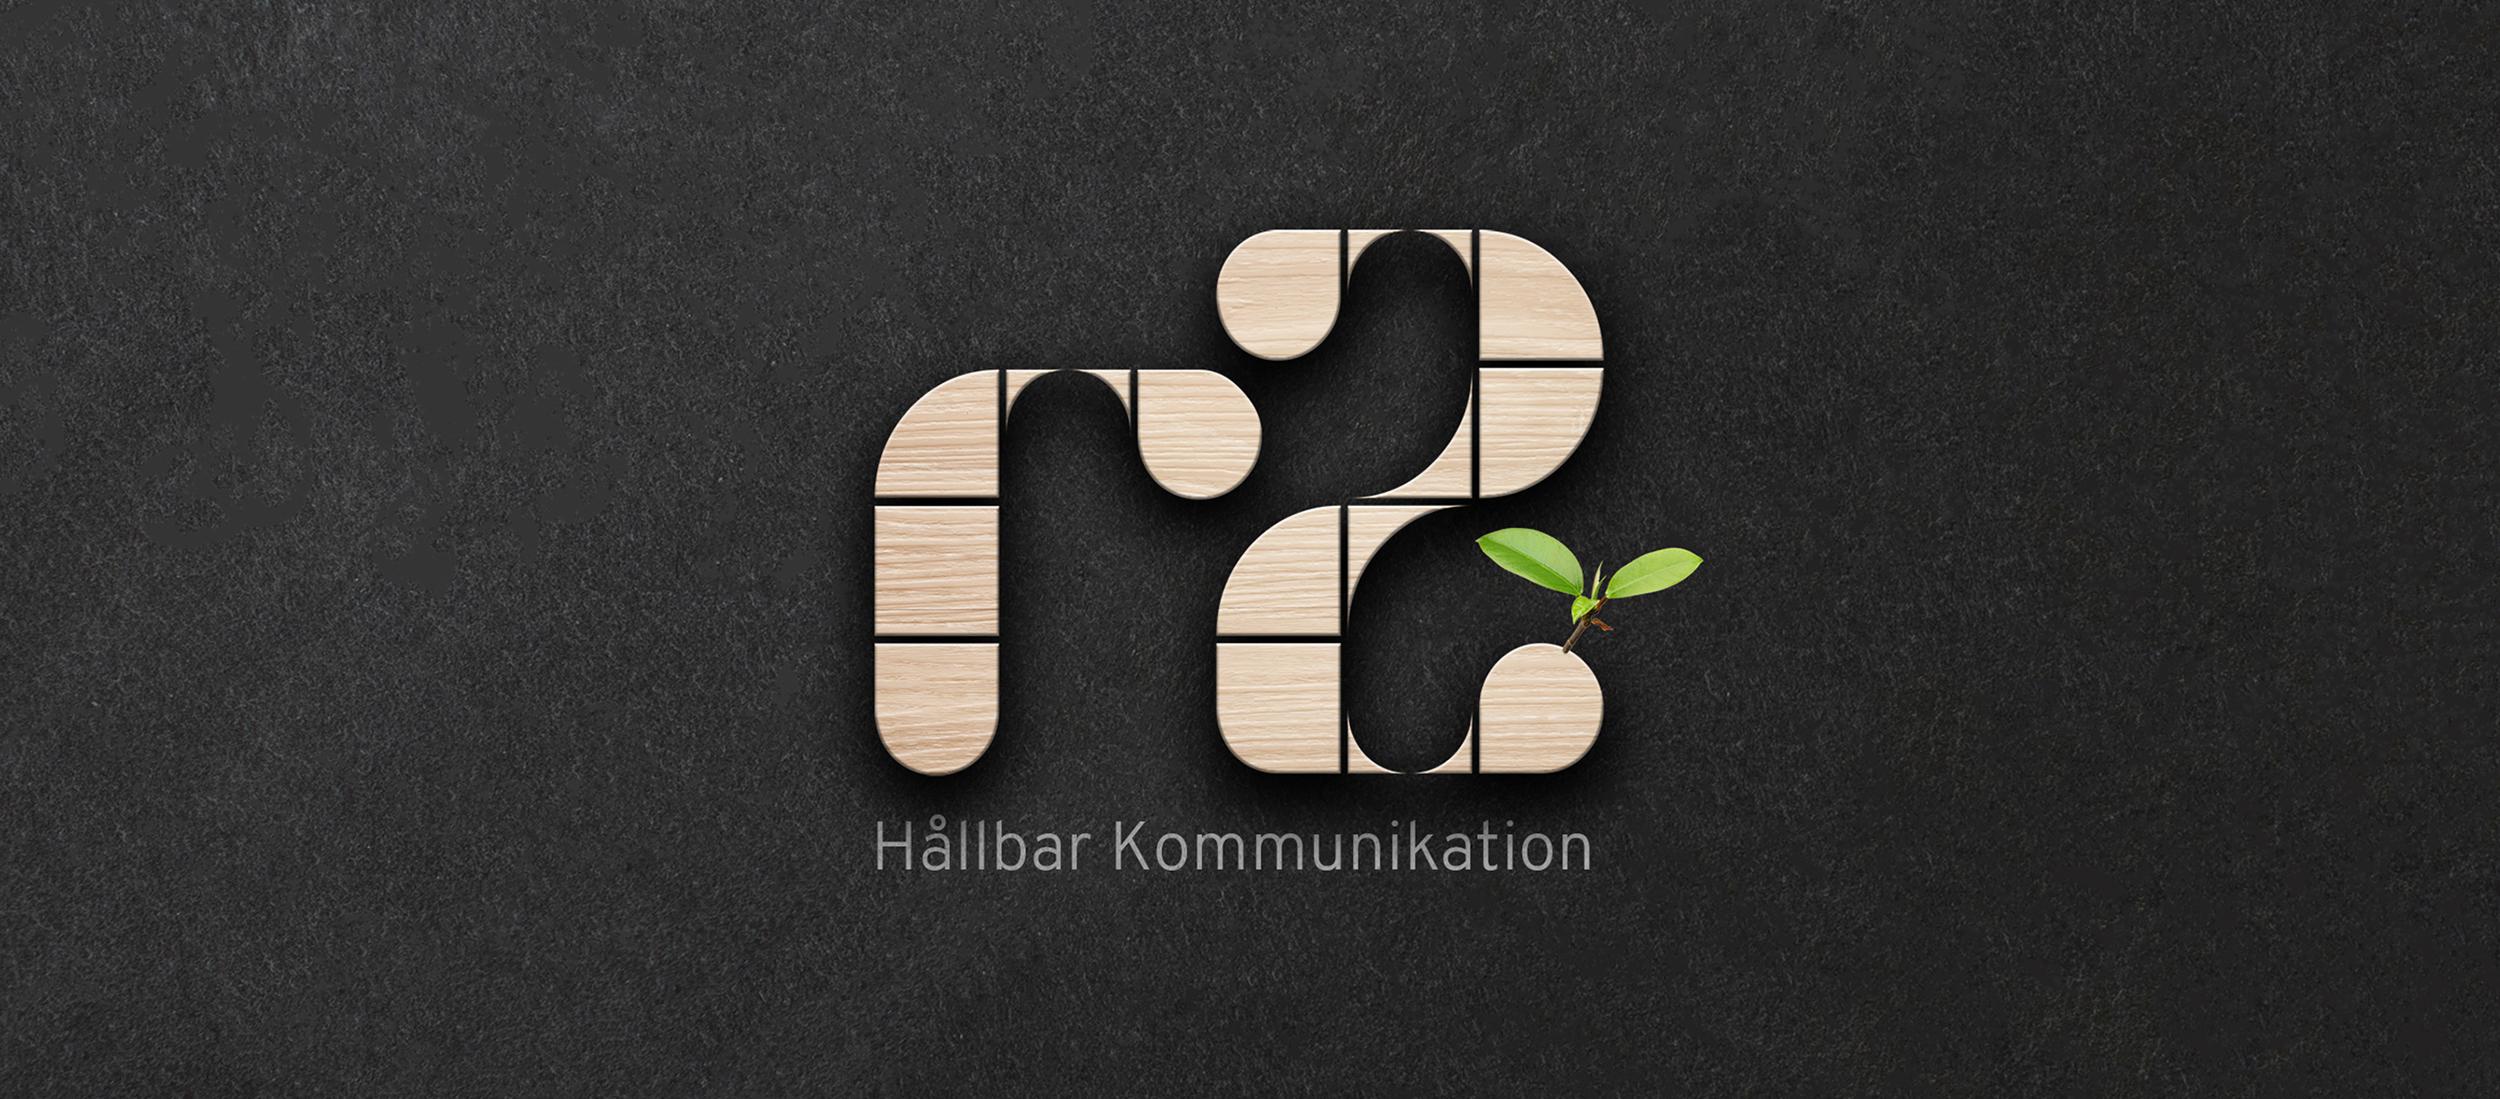 hallbarkommunikation